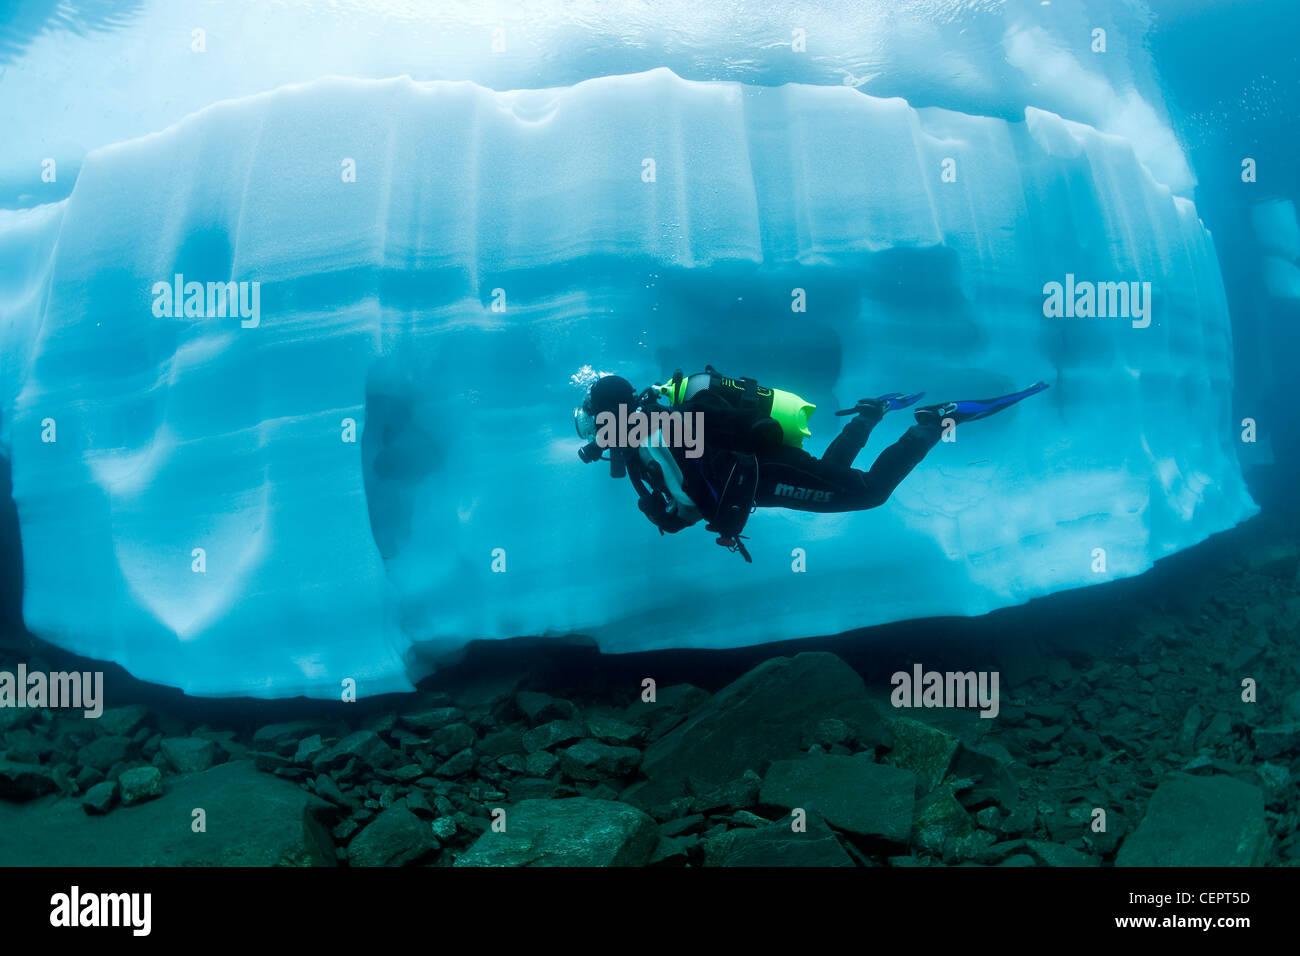 Buceo en hielo de lagos de montaña, Valle Sambuco Sassolo, Tesino, Suiza Imagen De Stock